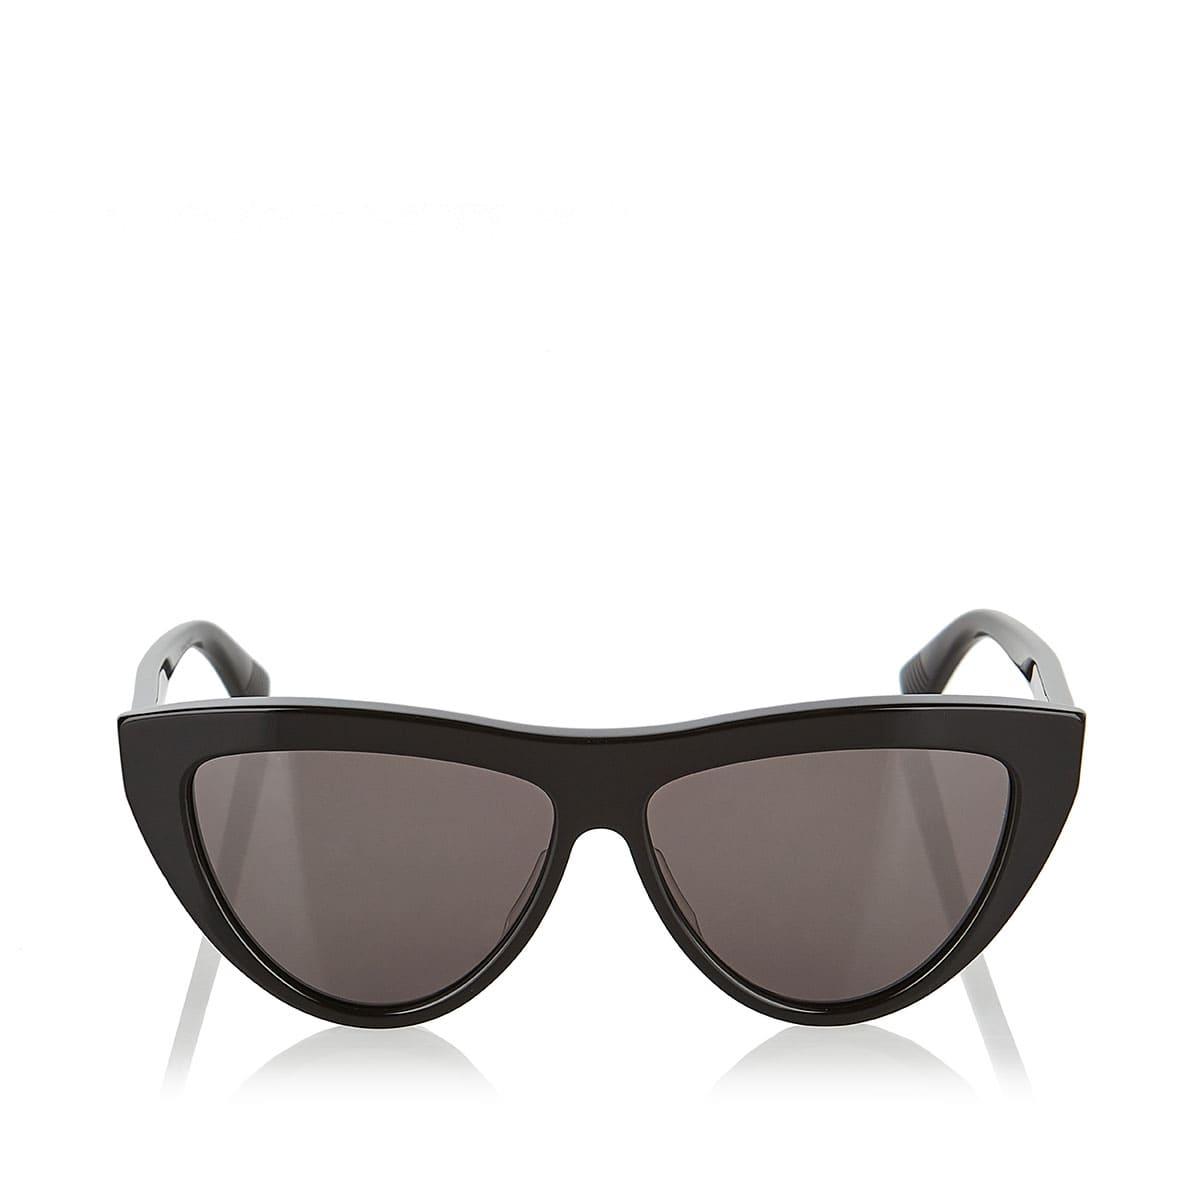 Teardrop acetate sunglasses